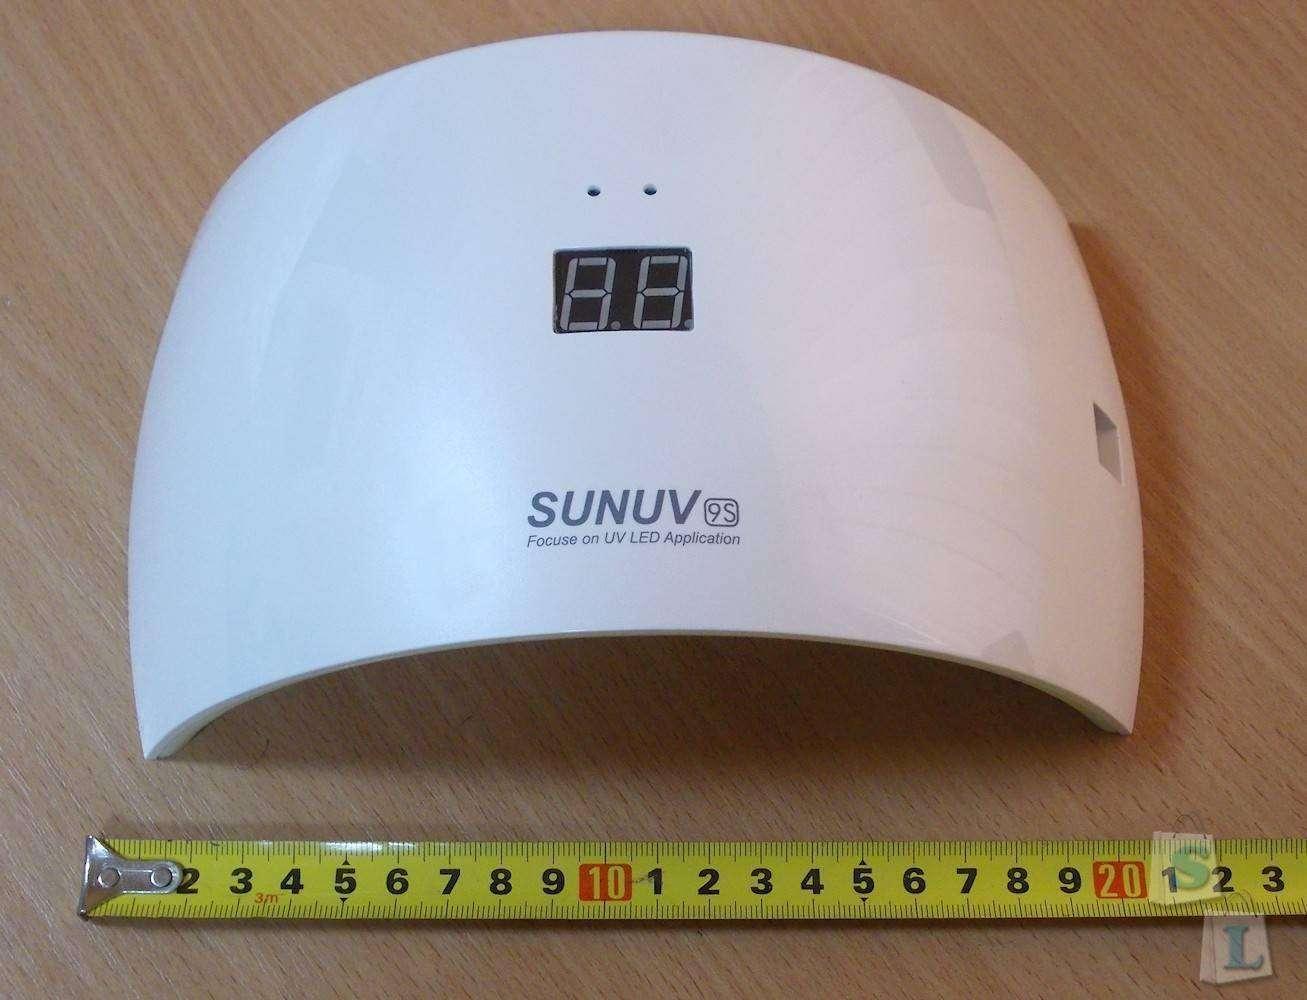 Aliexpress: Светодиодная сенсорная лампа SUNUV9S для сушки гель-лака